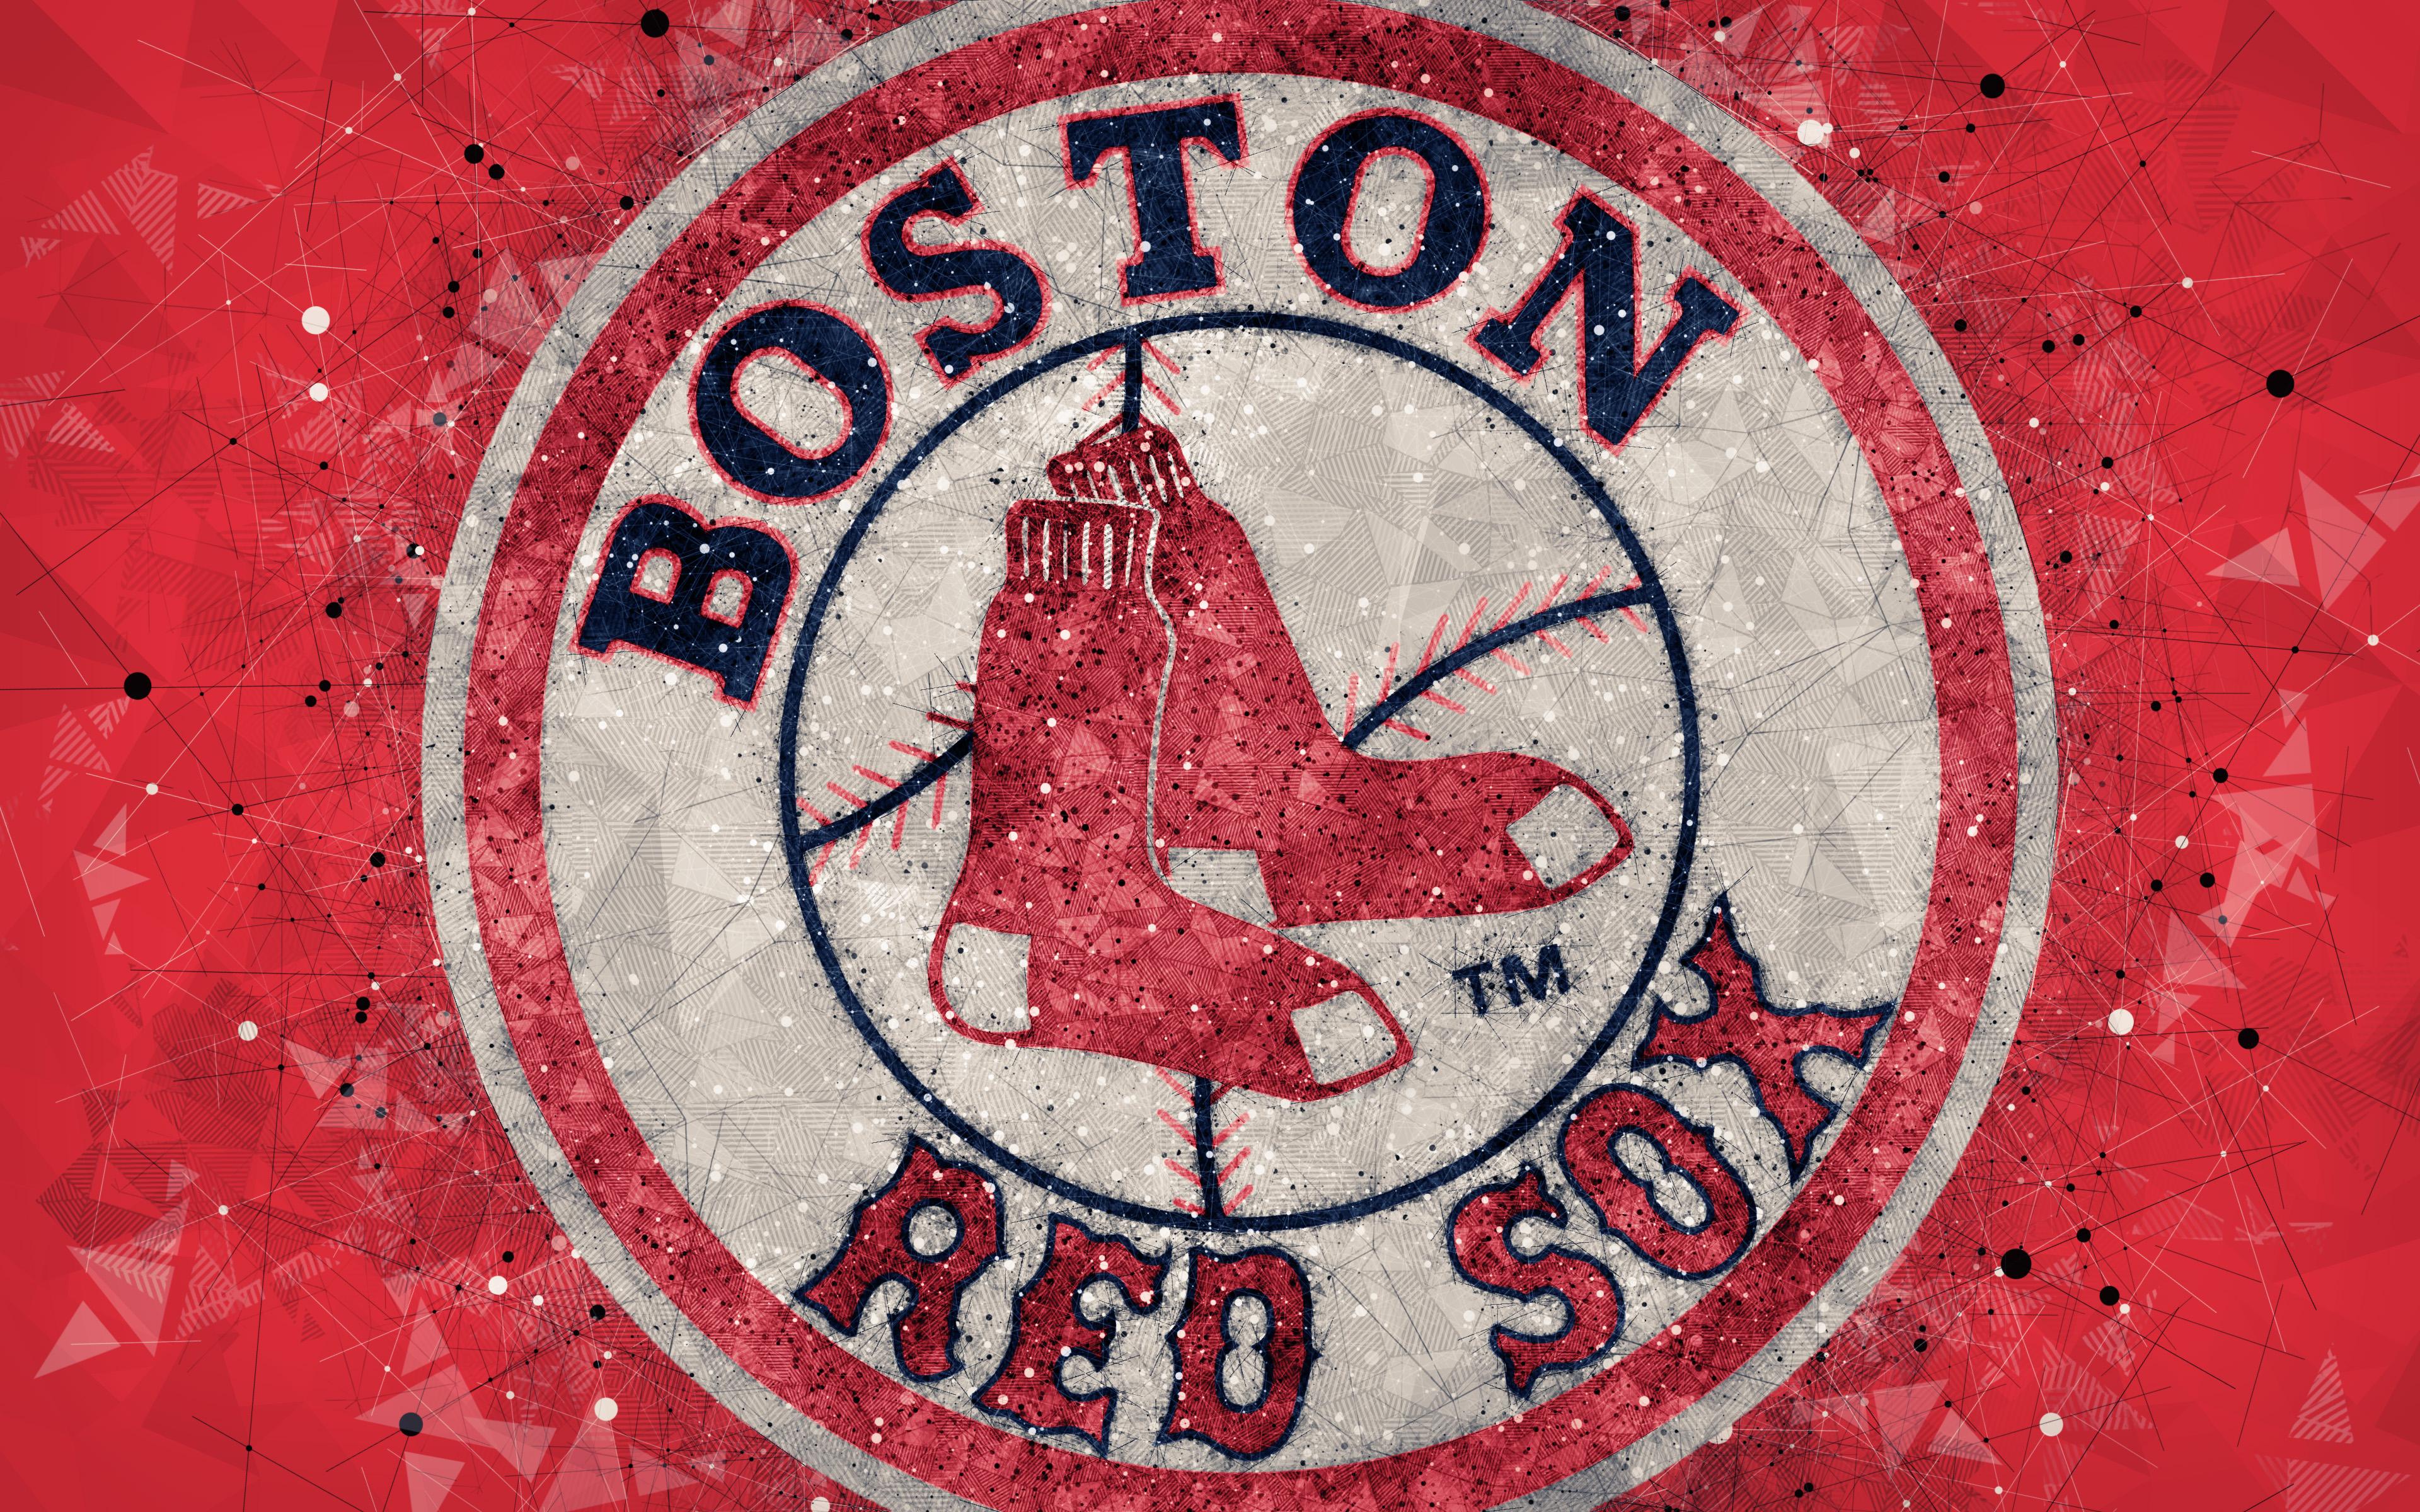 Boston Red Sox 3840x2400 Wallpaper Teahub Io